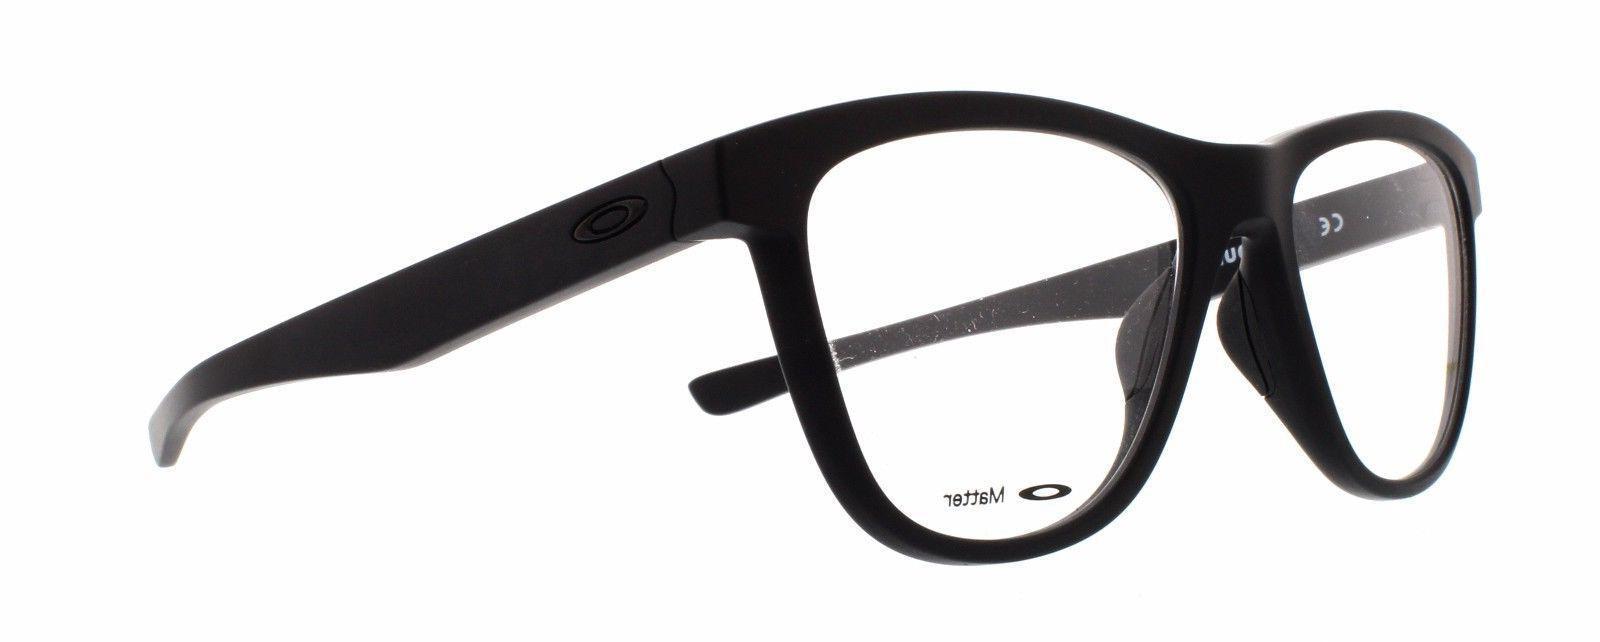 NEW OX8070-0653 Satin Black Men's Eyeglasses